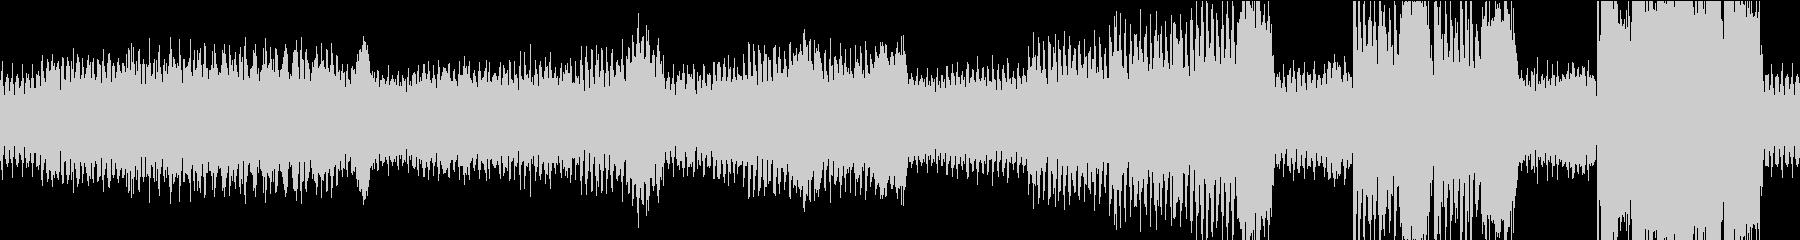 ワクワクしてくるBGM2 ループ版の未再生の波形